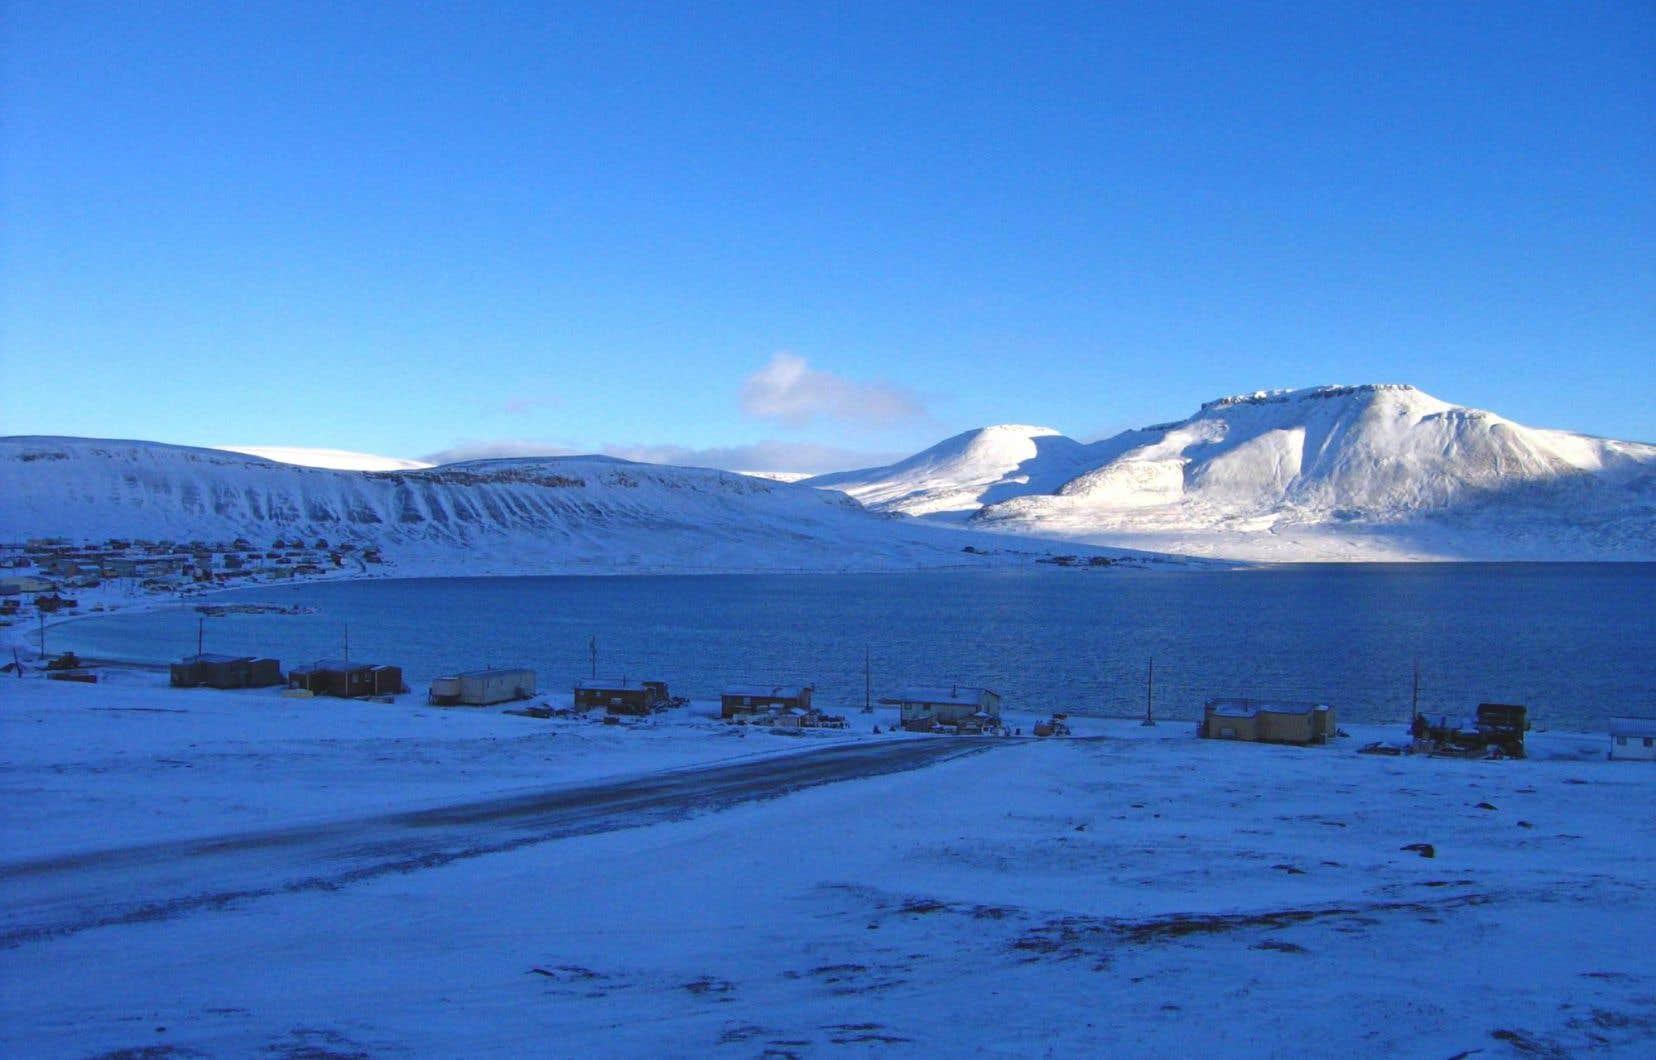 Le premier Symposium international sur le développement nordique aura lieu du 25 au 27 février.